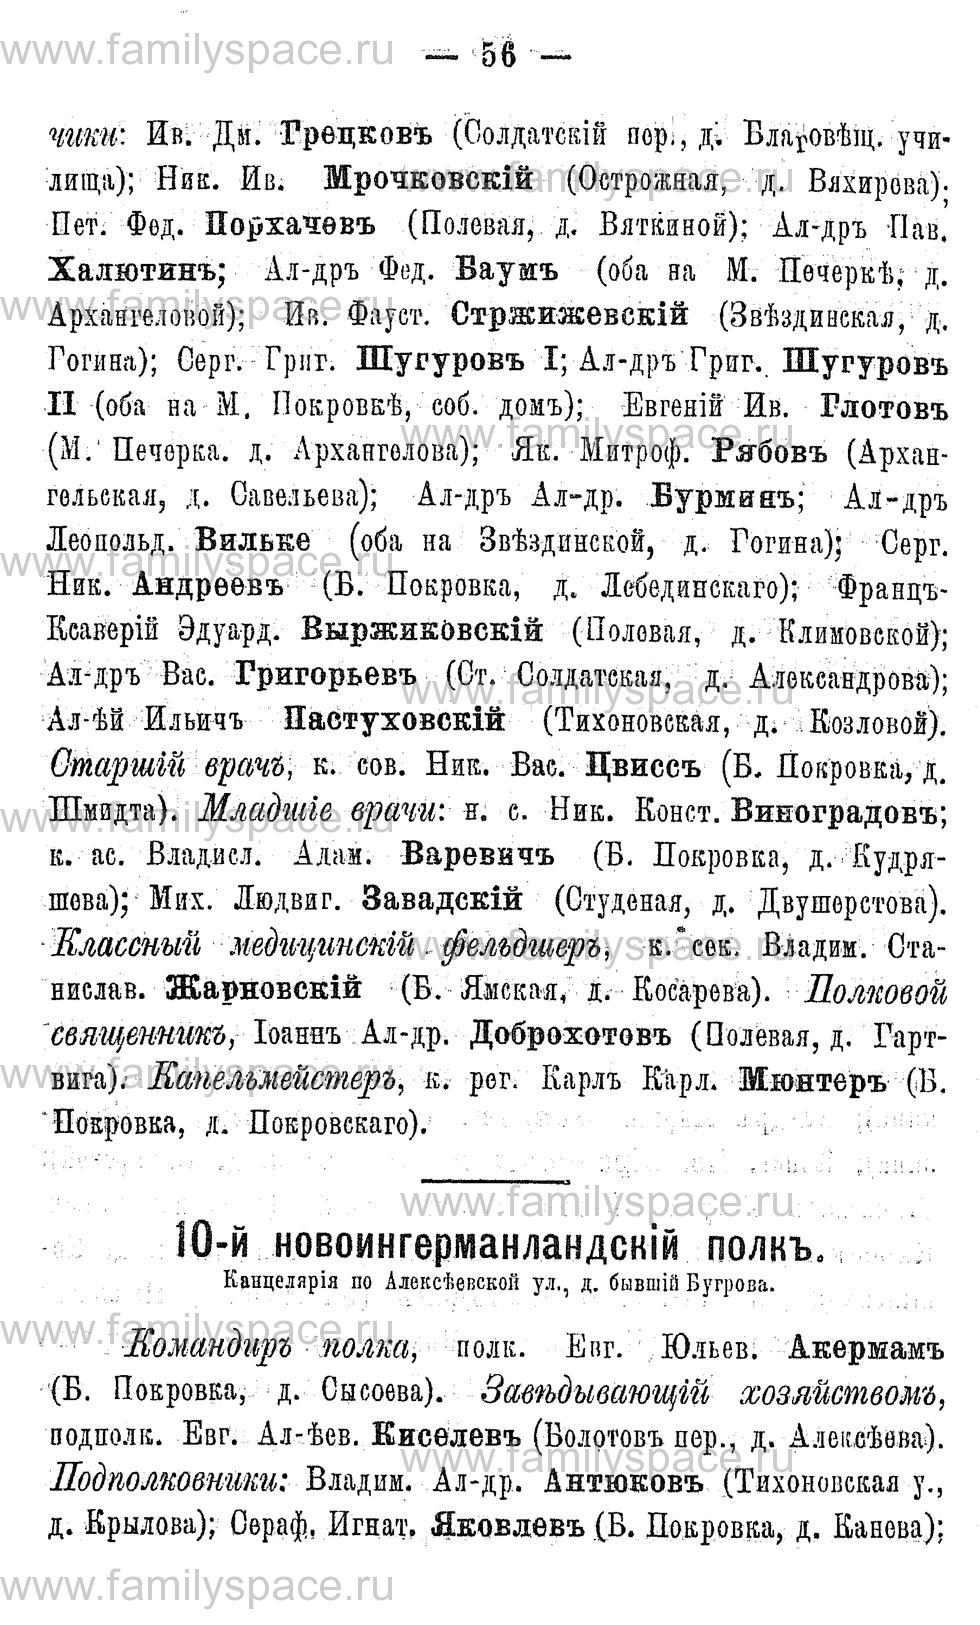 Поиск по фамилии - Адрес-календарь Нижегородской губернии на 1891 год, страница 56